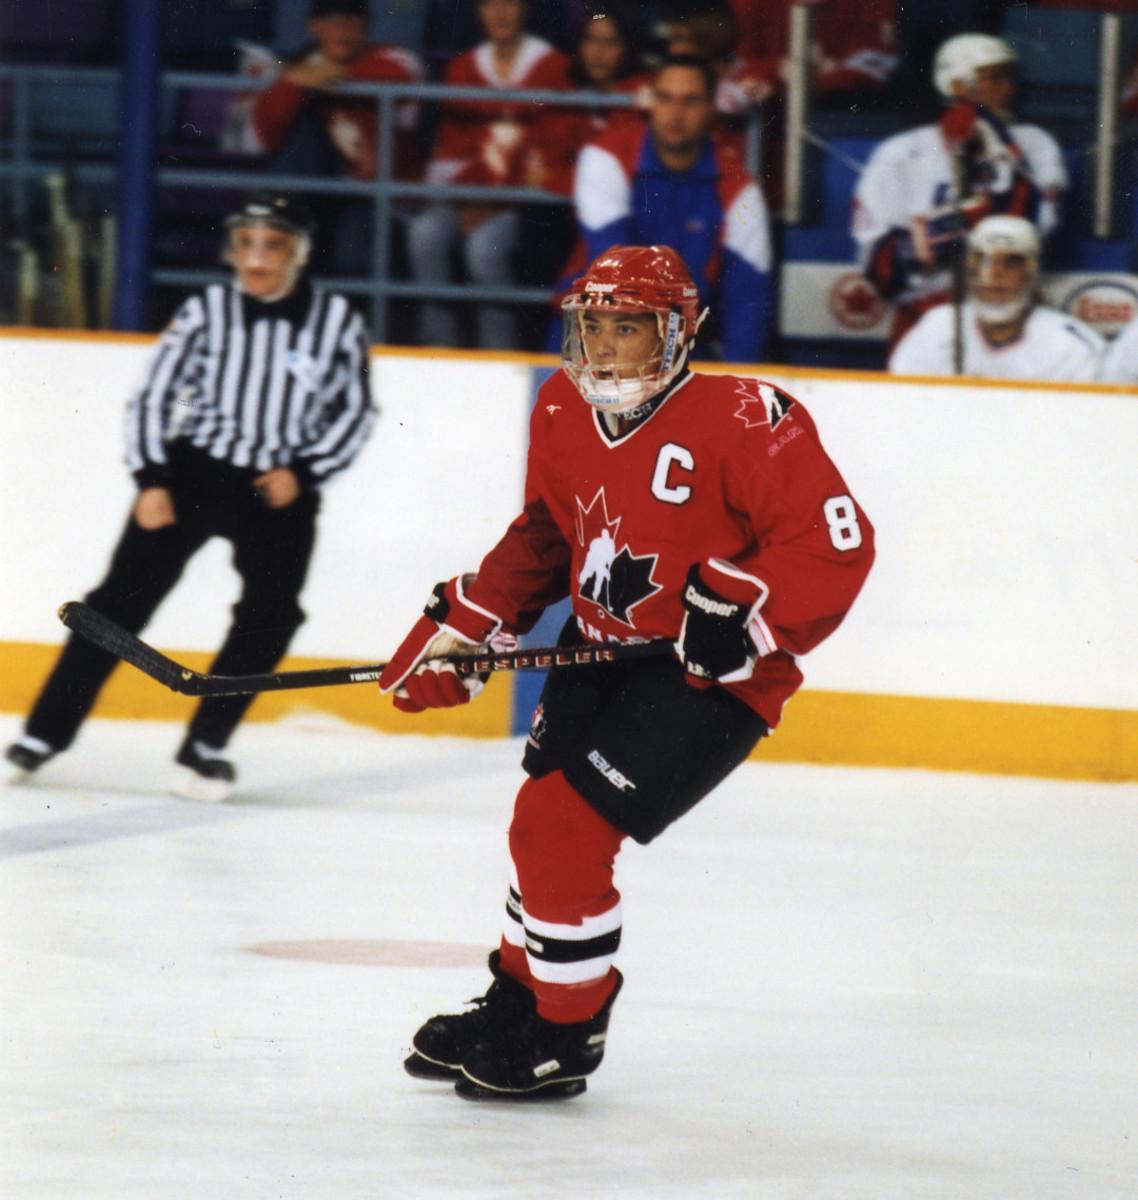 Hockey Canada Images.